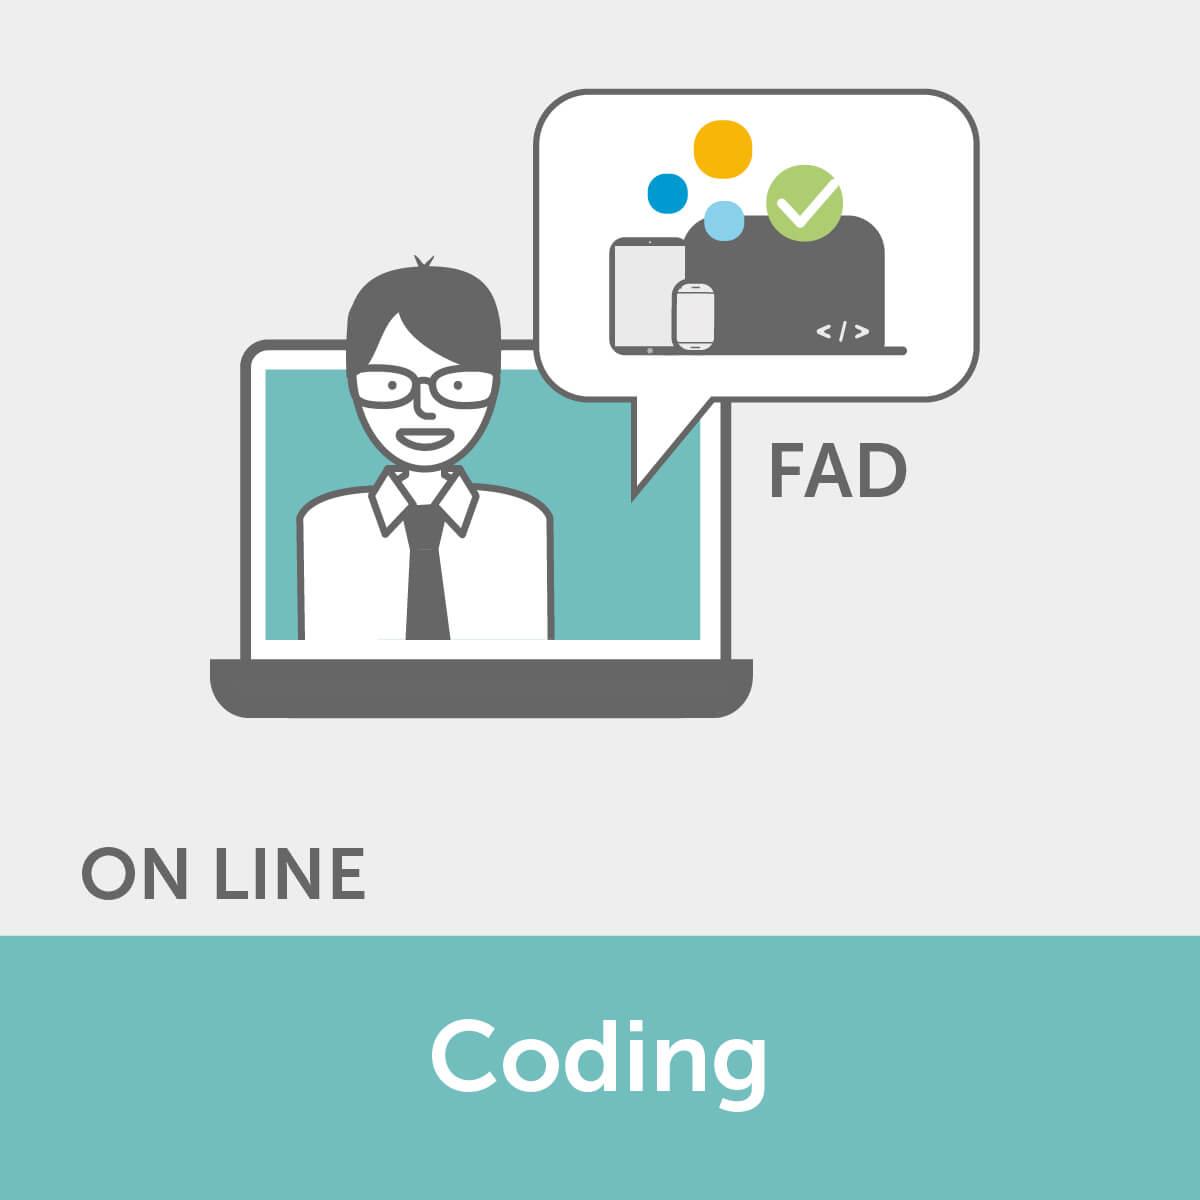 FAD - Coding: per una didattica inclusiva e nuove modalità di apprendimento a scuola